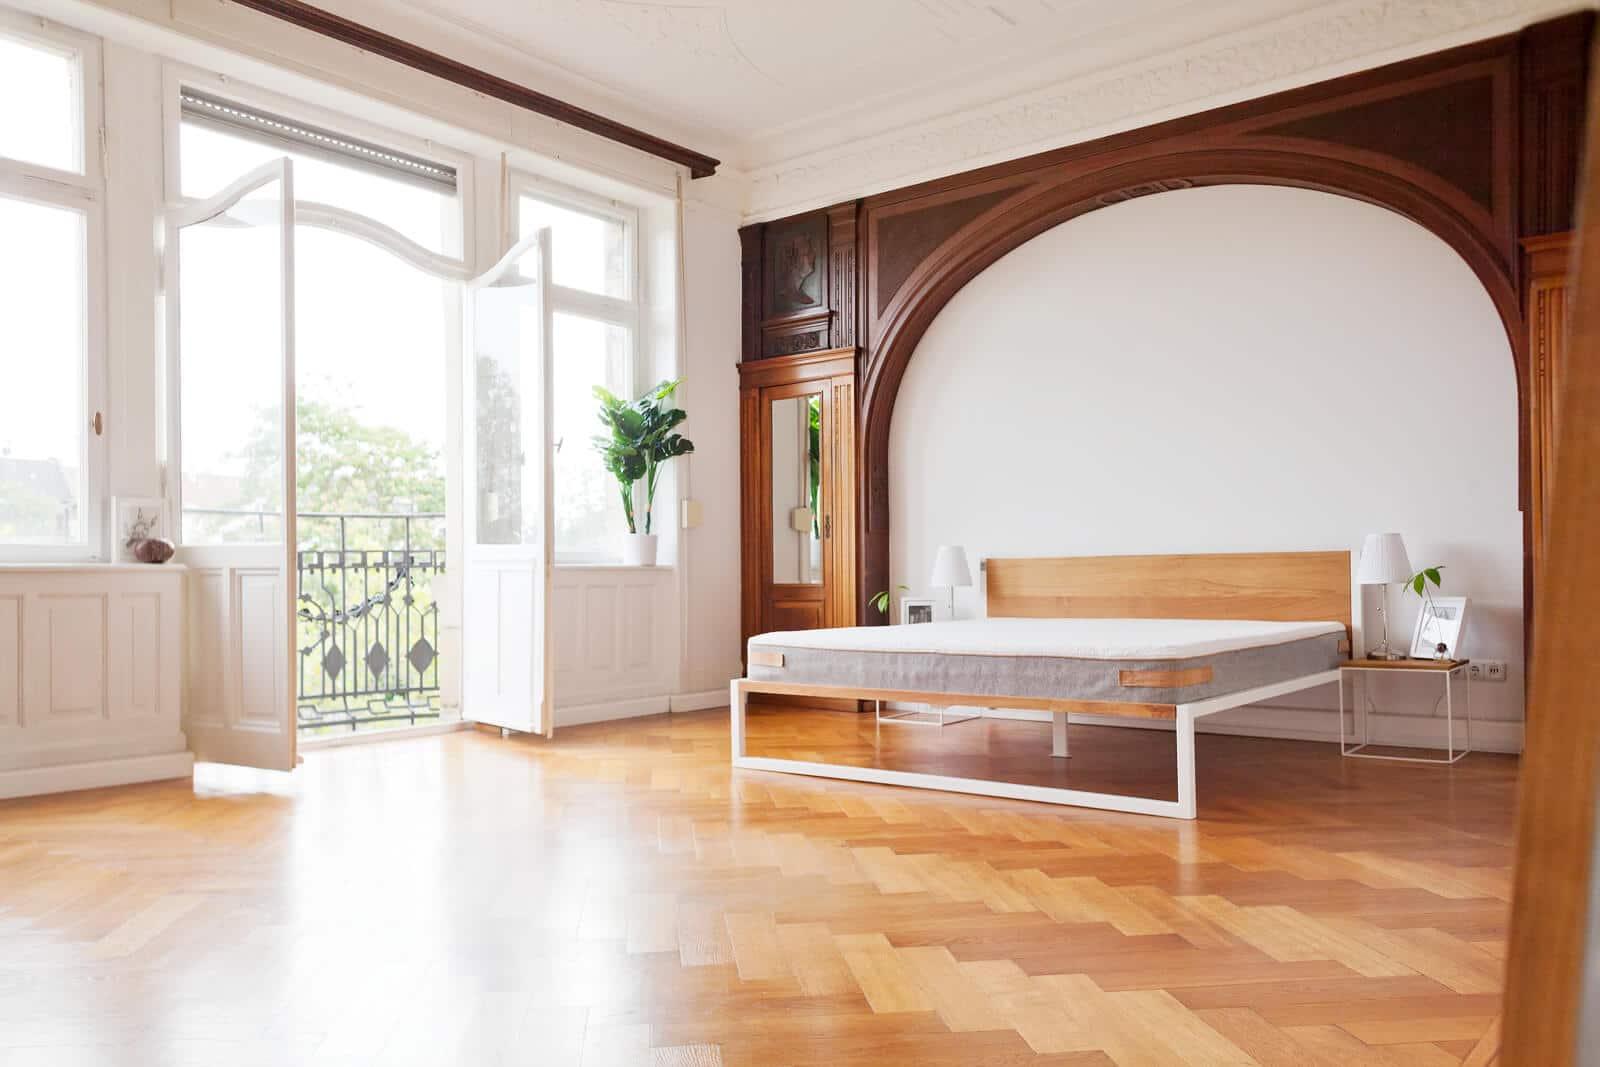 Full Size of Betten Massivholz B18 Stahl Und Eiche N51e12 Design Manufacture Jensen Boxspring Ausgefallene Weiß Joop Test Günstige 180x200 Für Teenager überlänge Bett Betten Massivholz